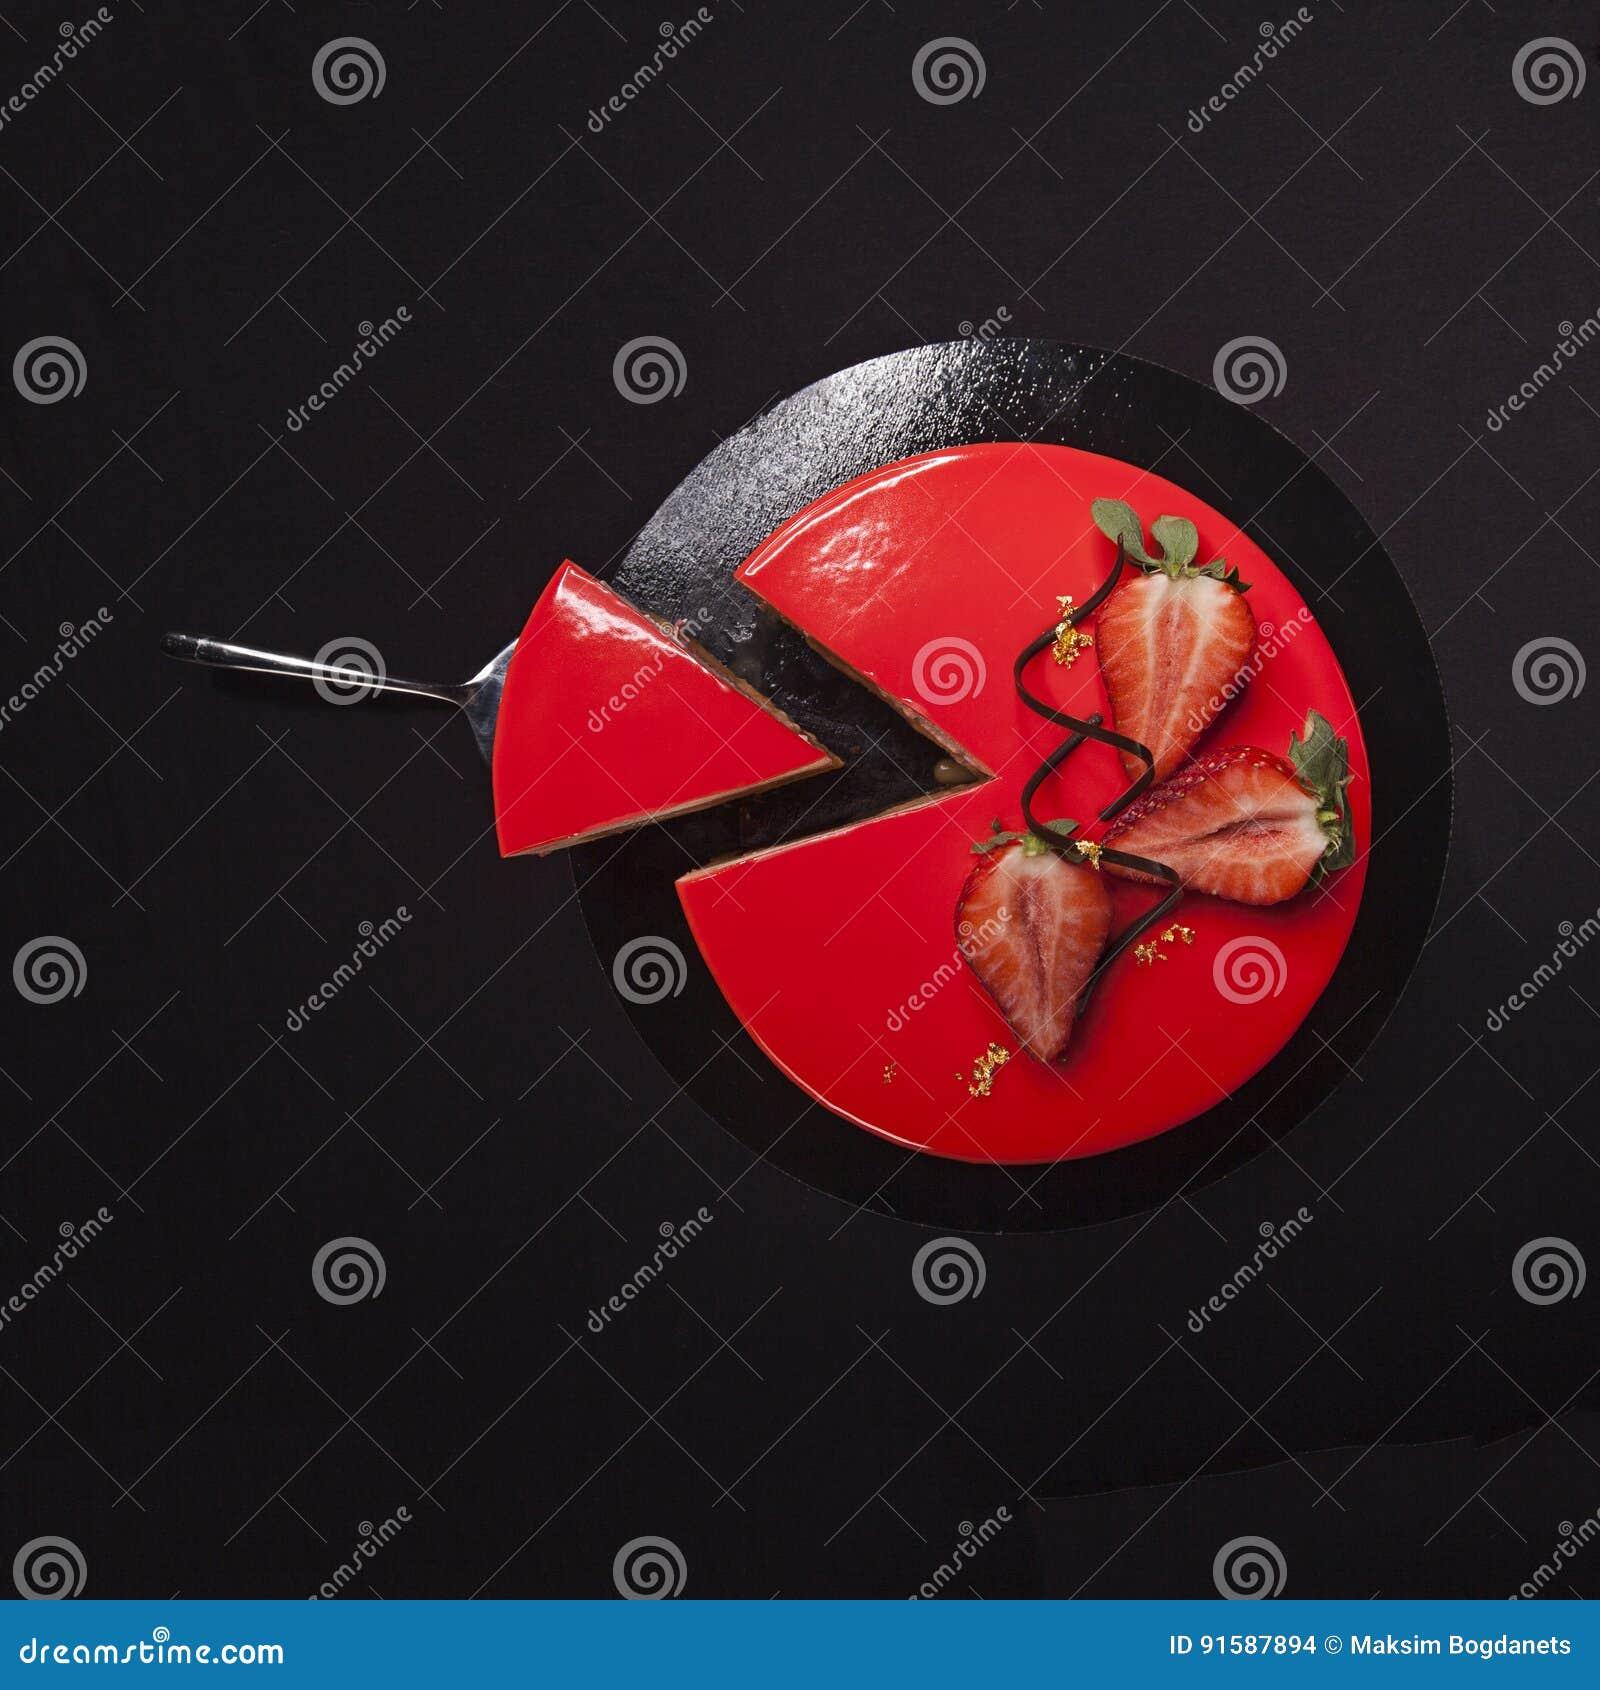 Erdbeerkuchen Bedeckt Mit Der Roten Spiegelglasur Verziert Mit